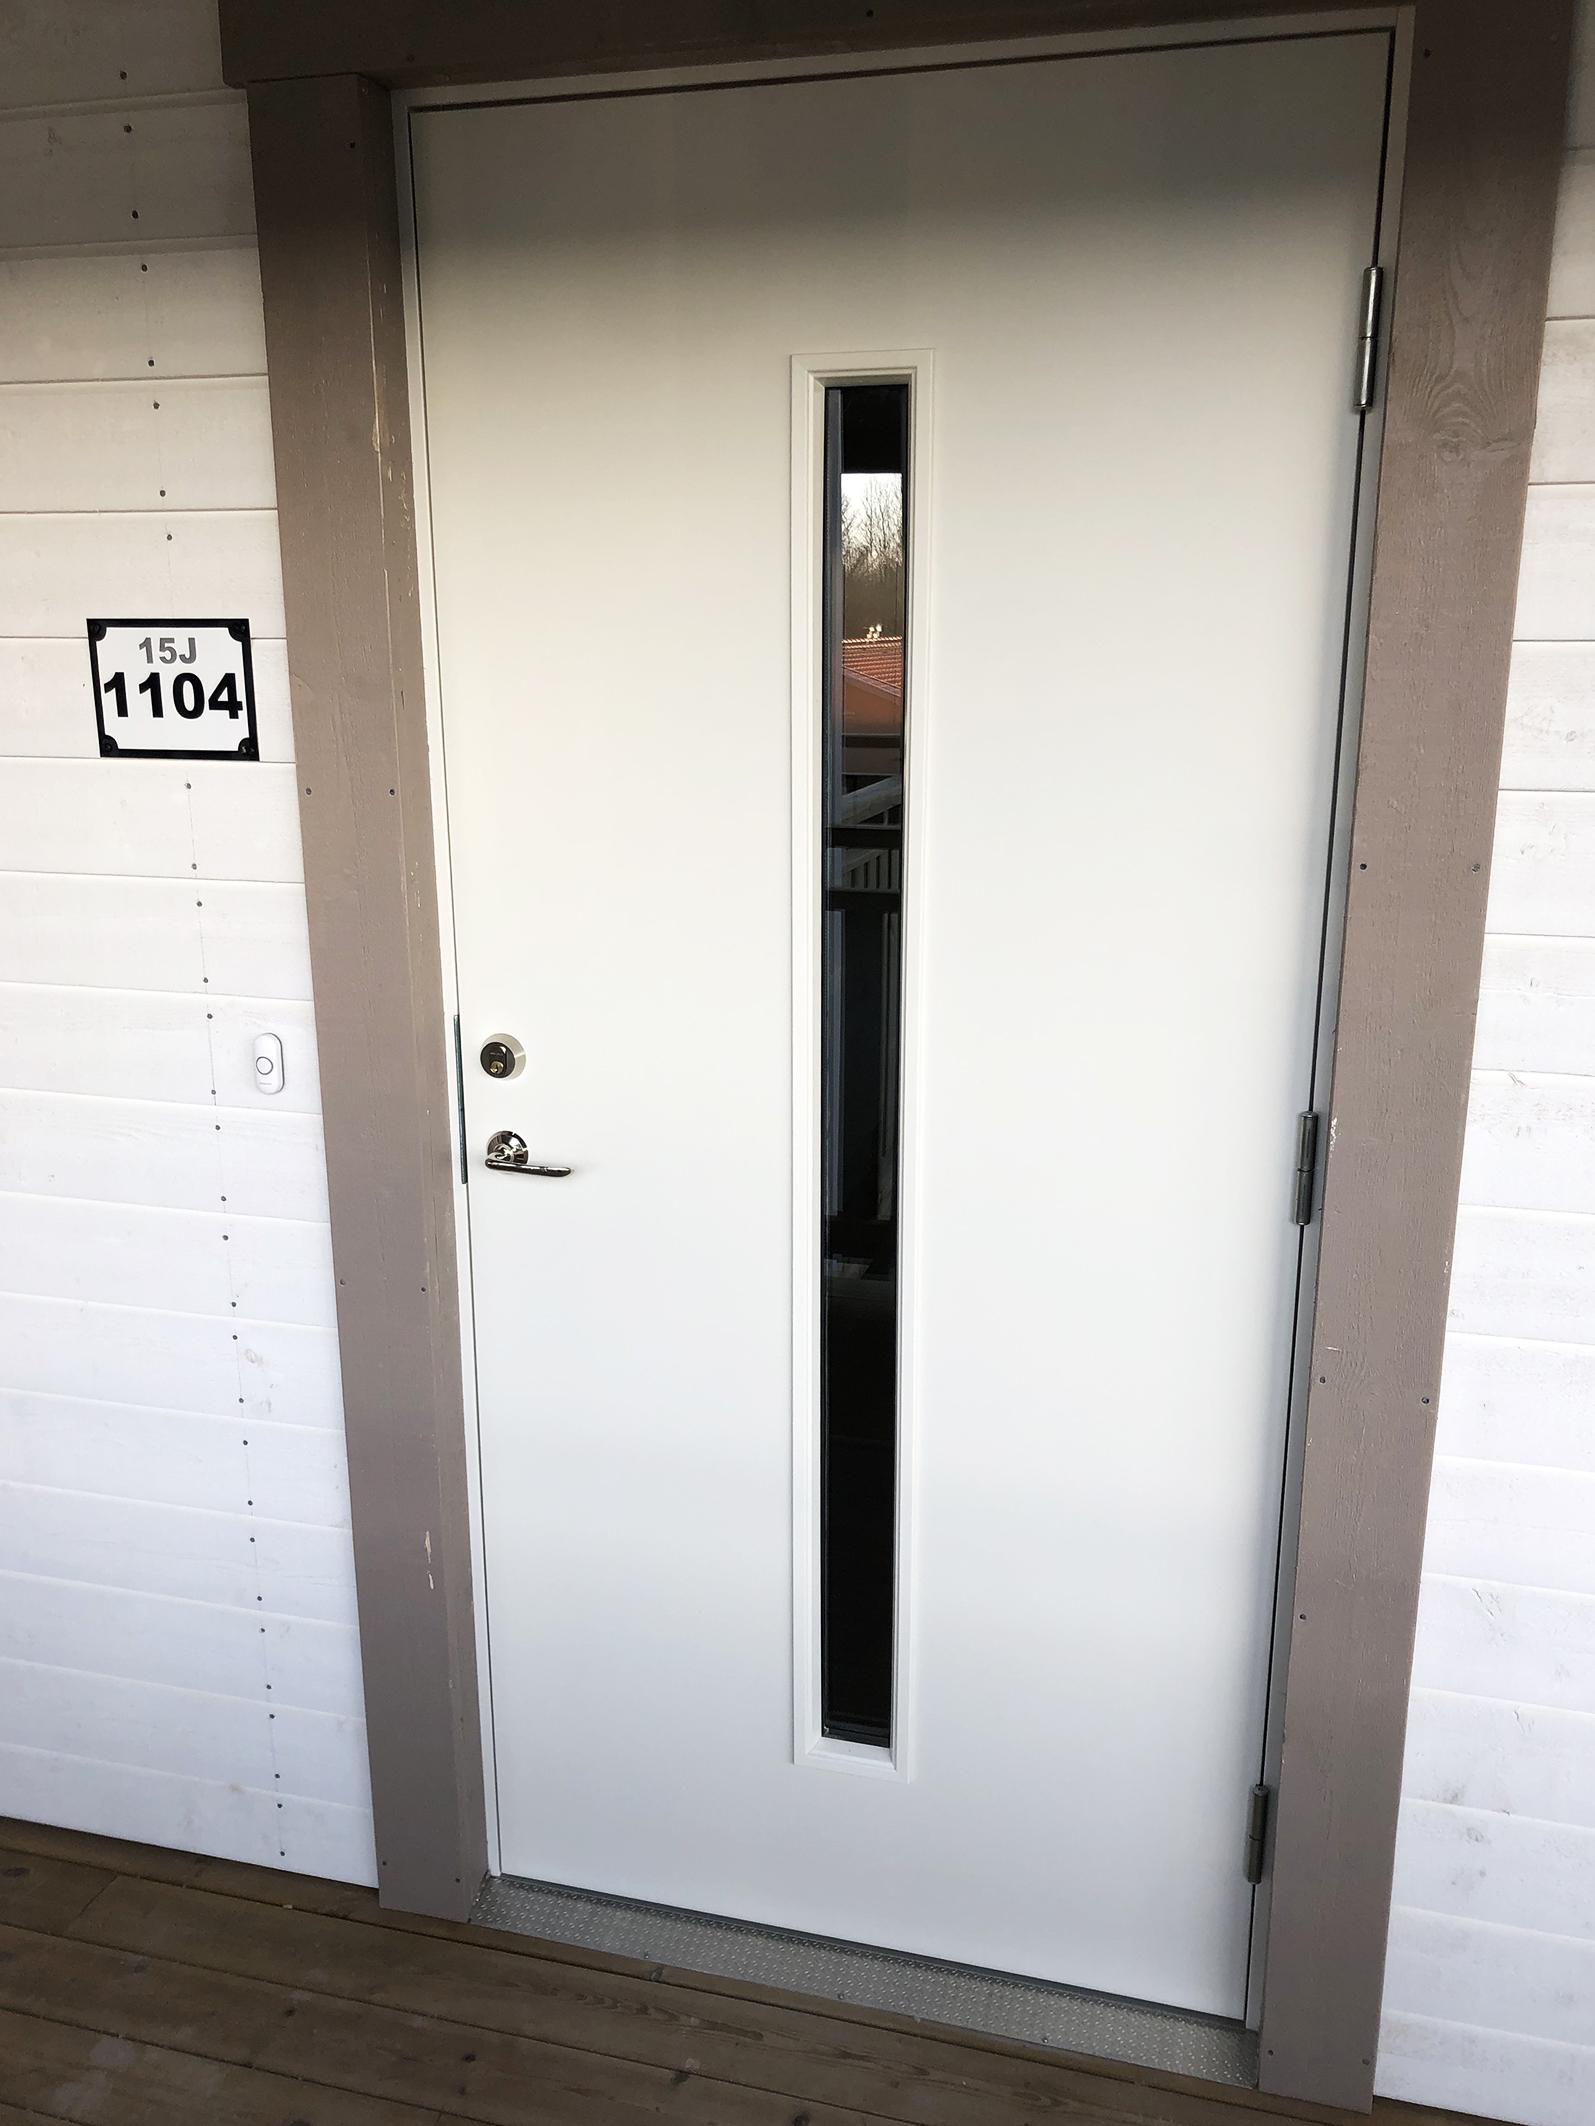 Dörr 15J 1104